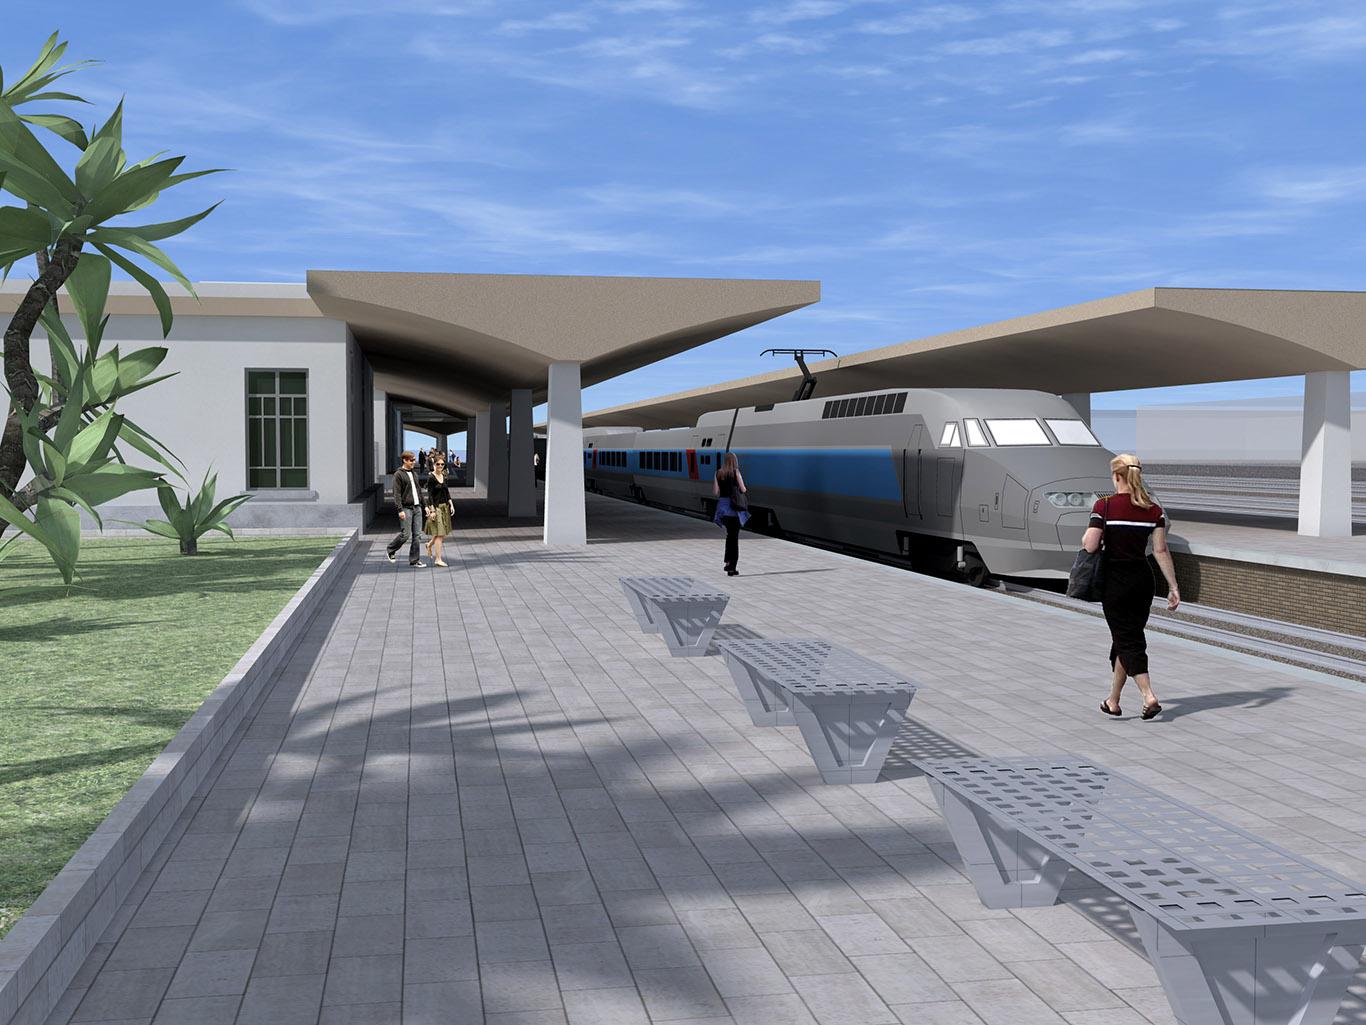 Stazione ferroviaria sidi bel abbess-3